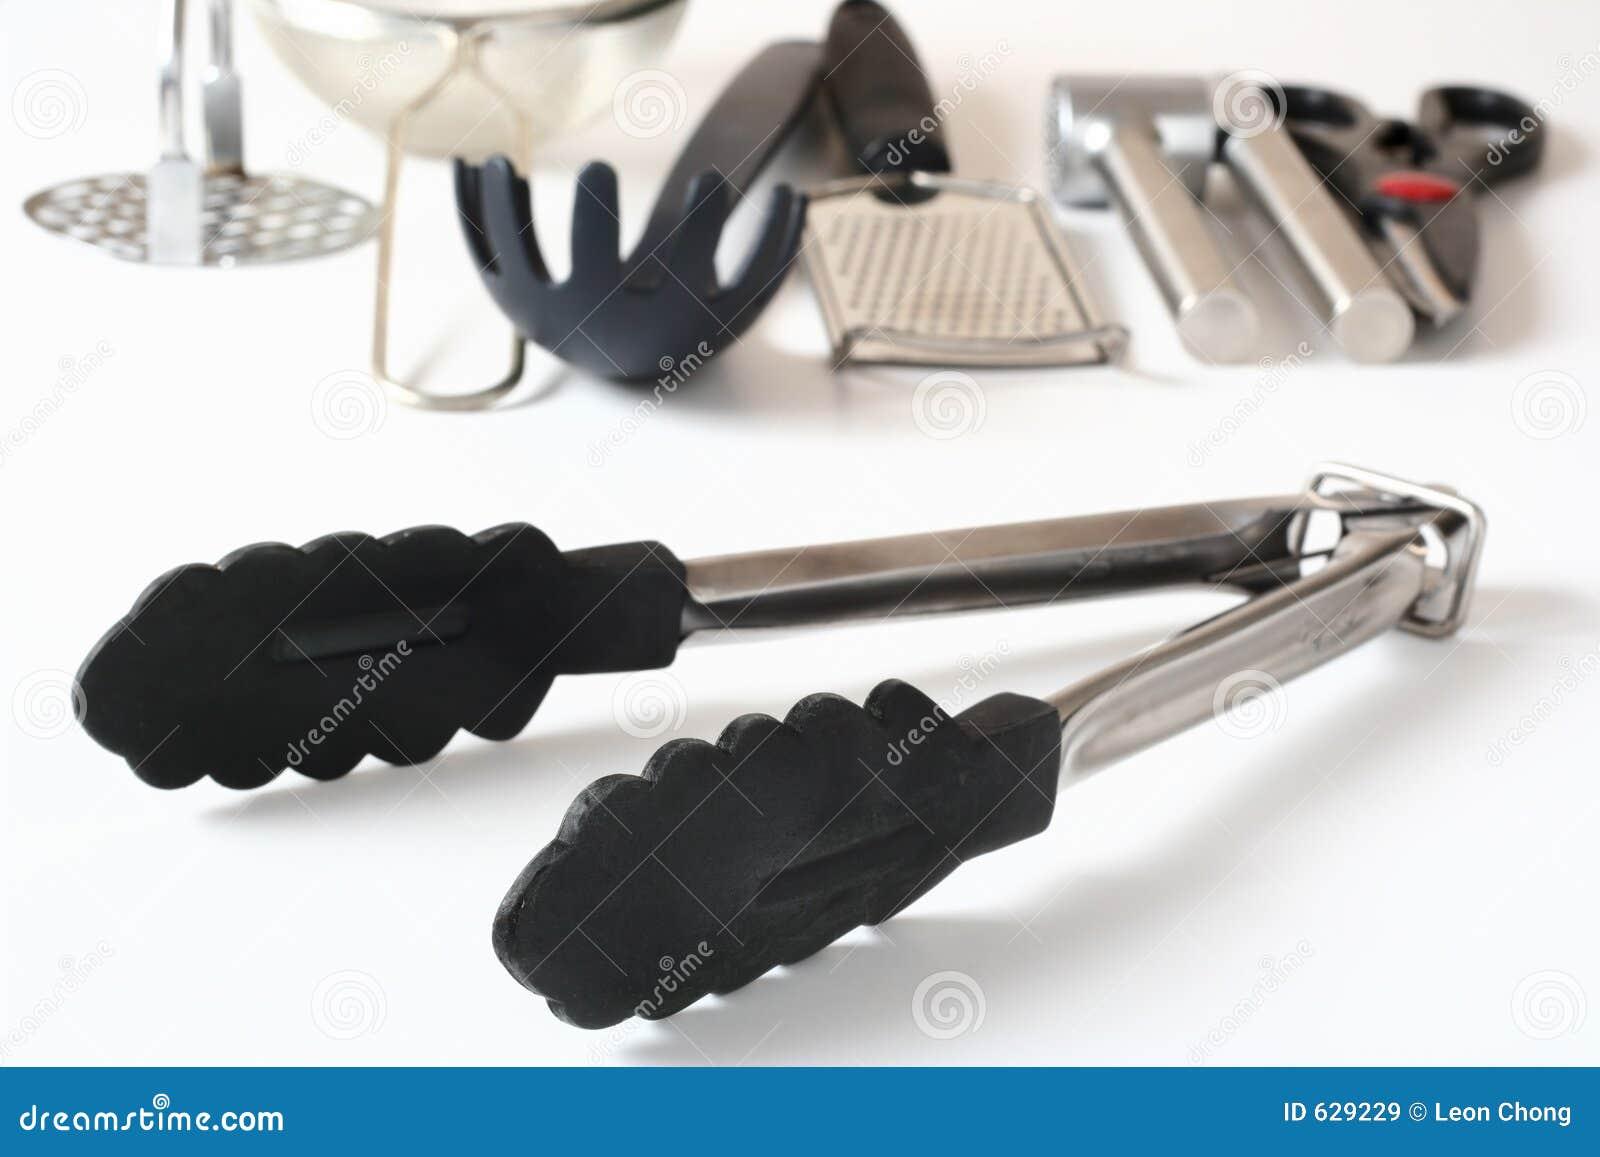 Tongs do utensílio da cozinha